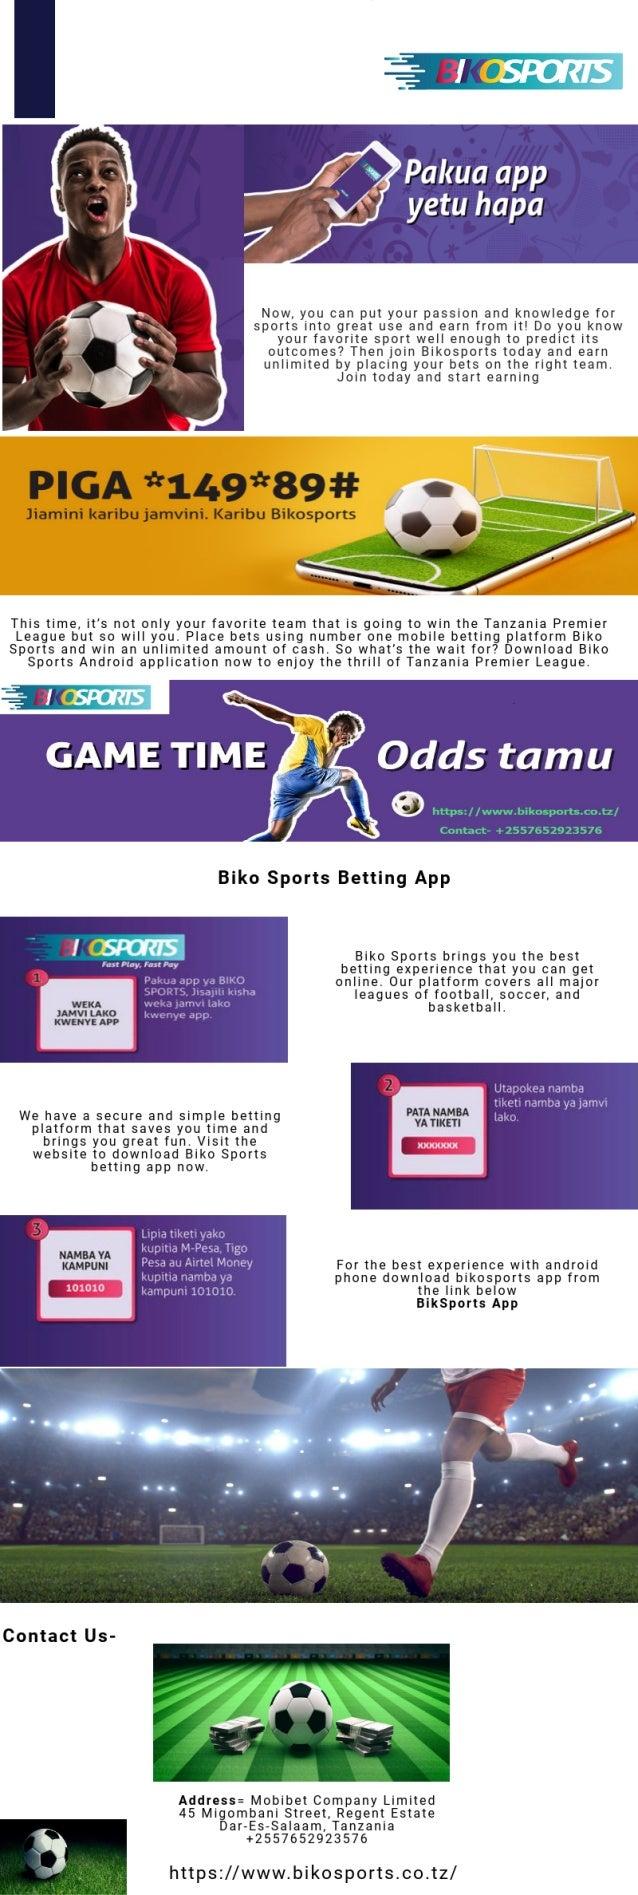 Biko bet app download play store